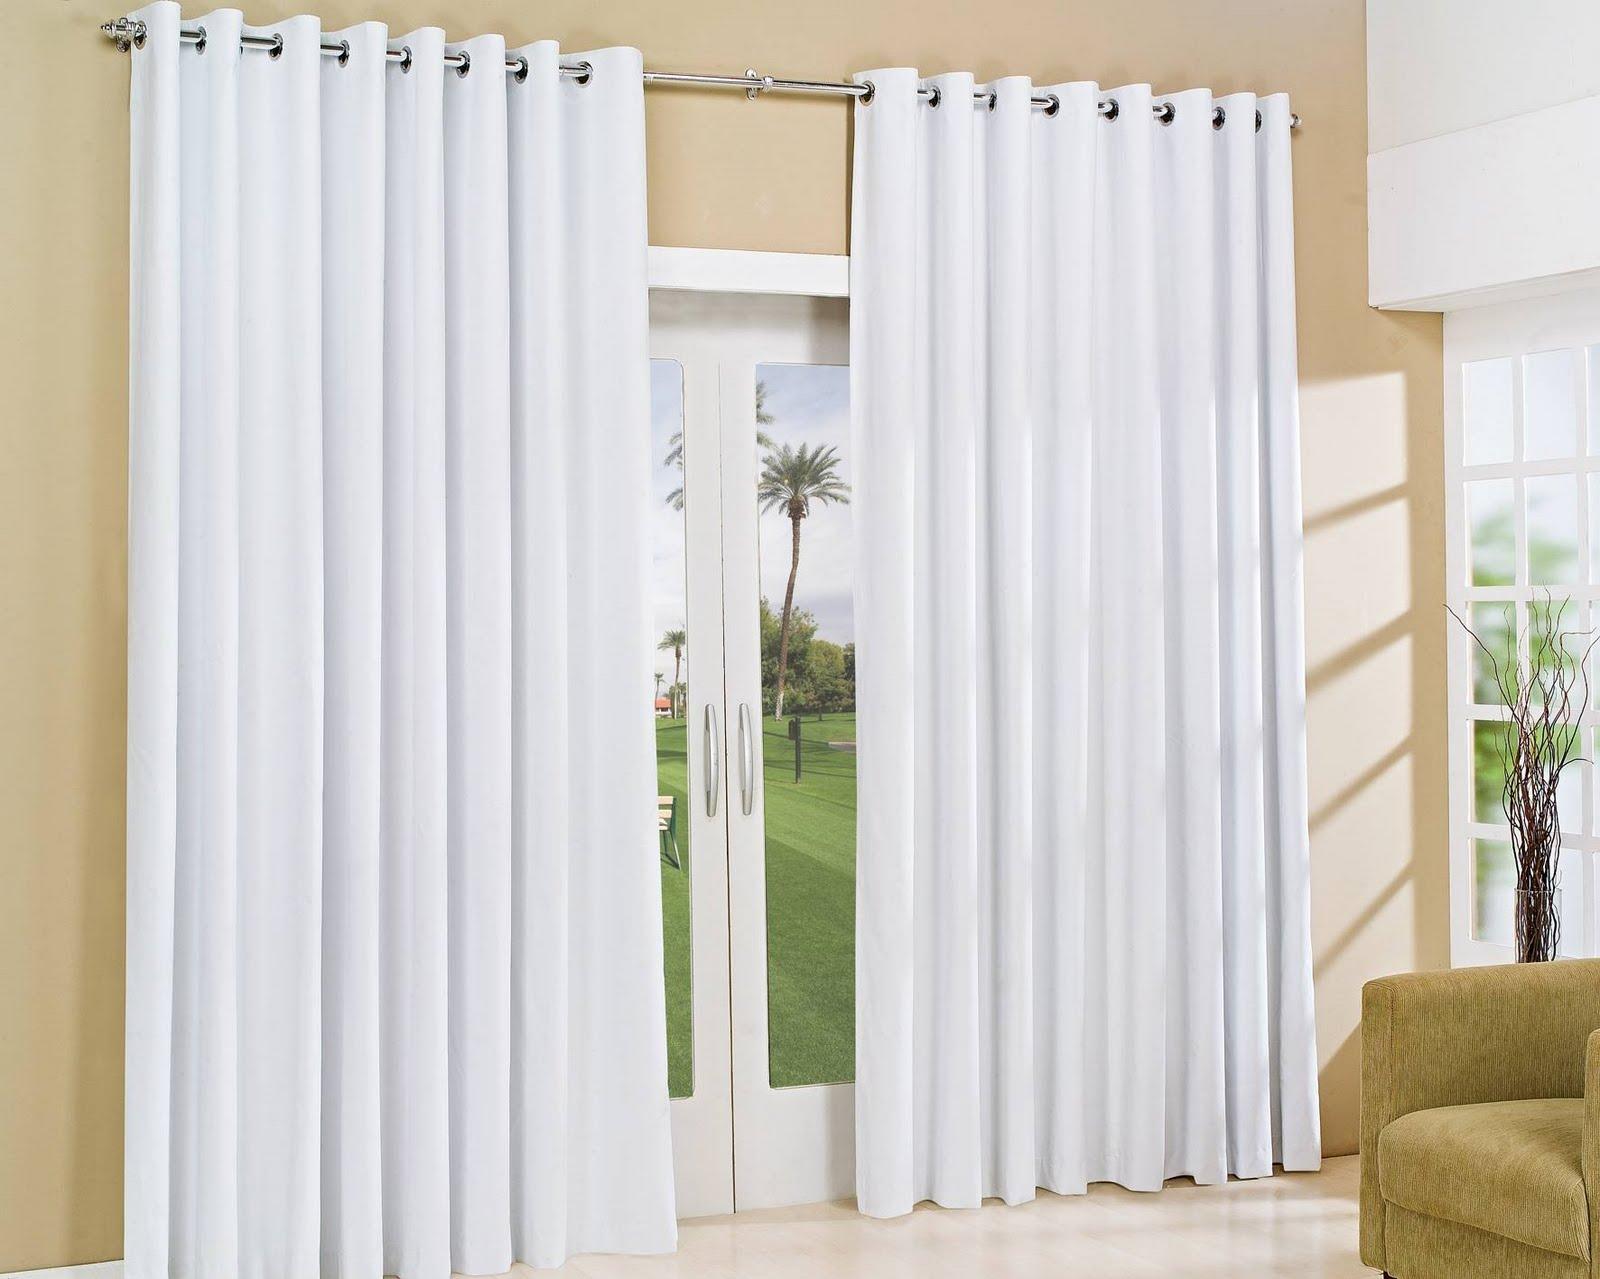 Lavar cortina em casa na maquina de lavar dicas da lucy for Cortinas de tela modernas